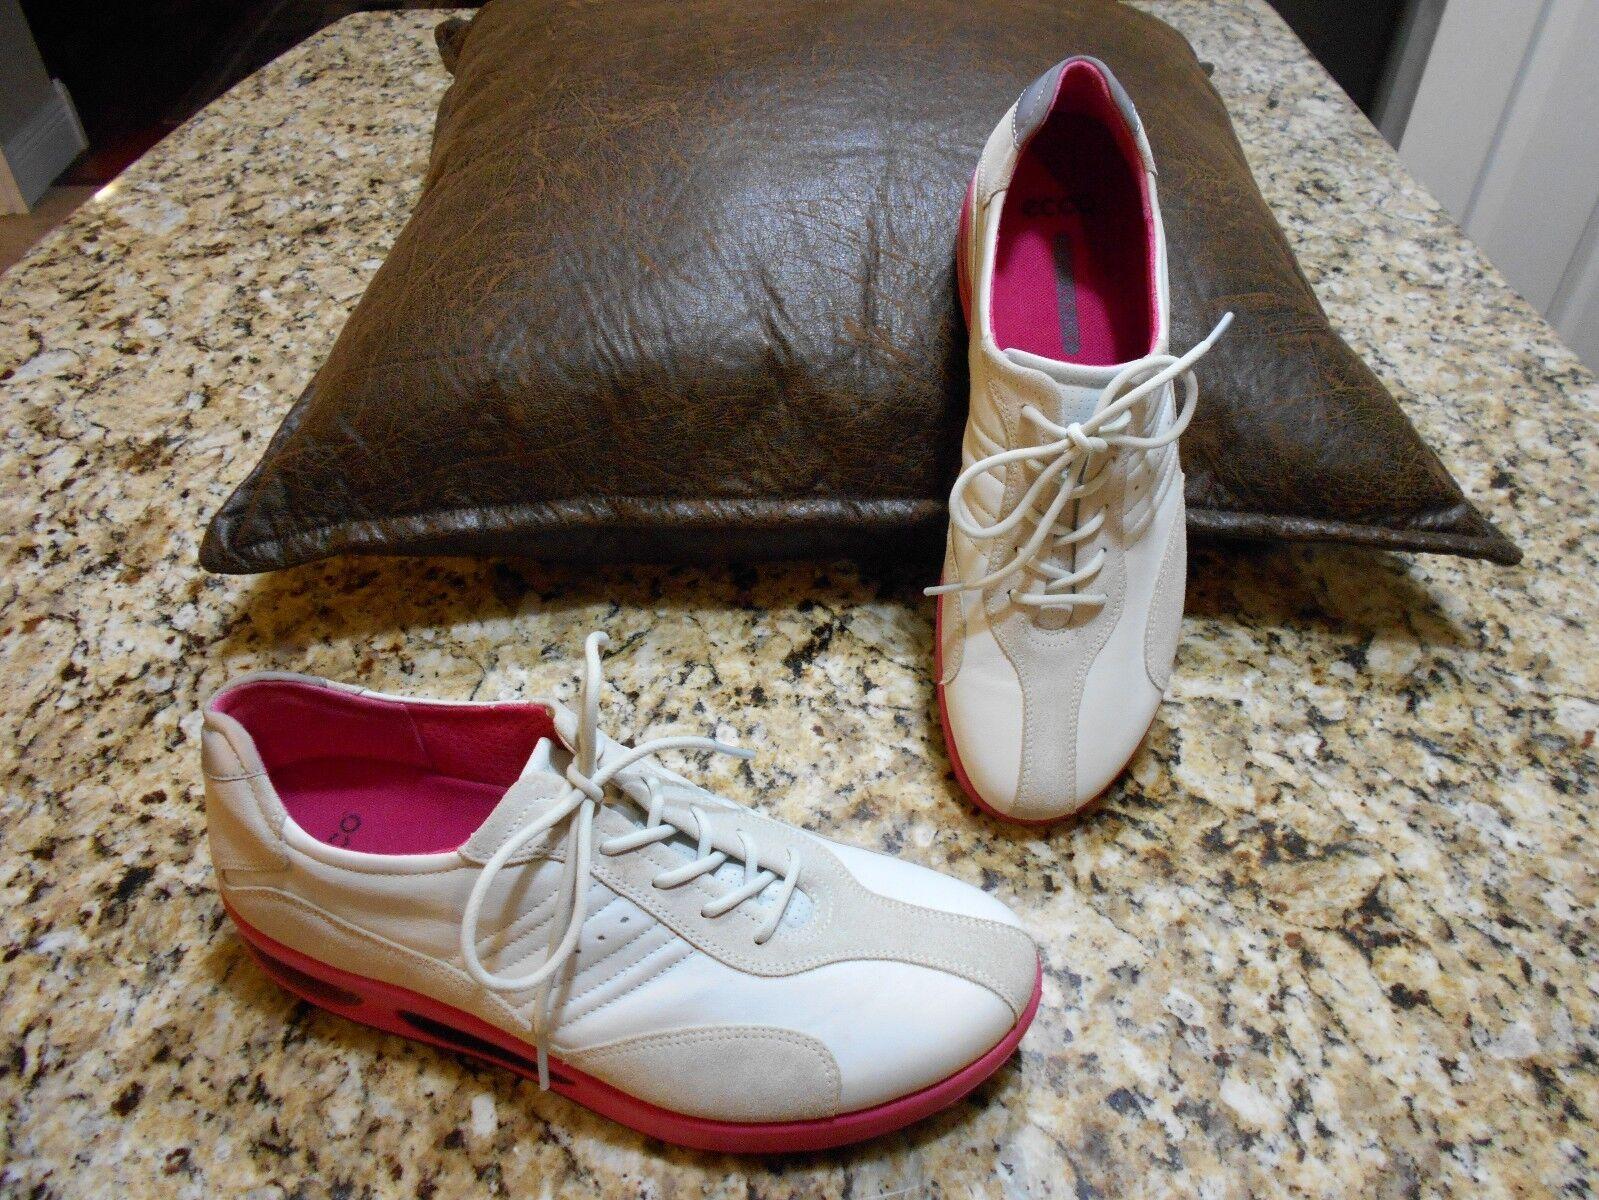 Damenschuhe ECCO Balance WEISS,Tan & Pink walking schuhe Größe 9-9.5 USA. 40 EUR